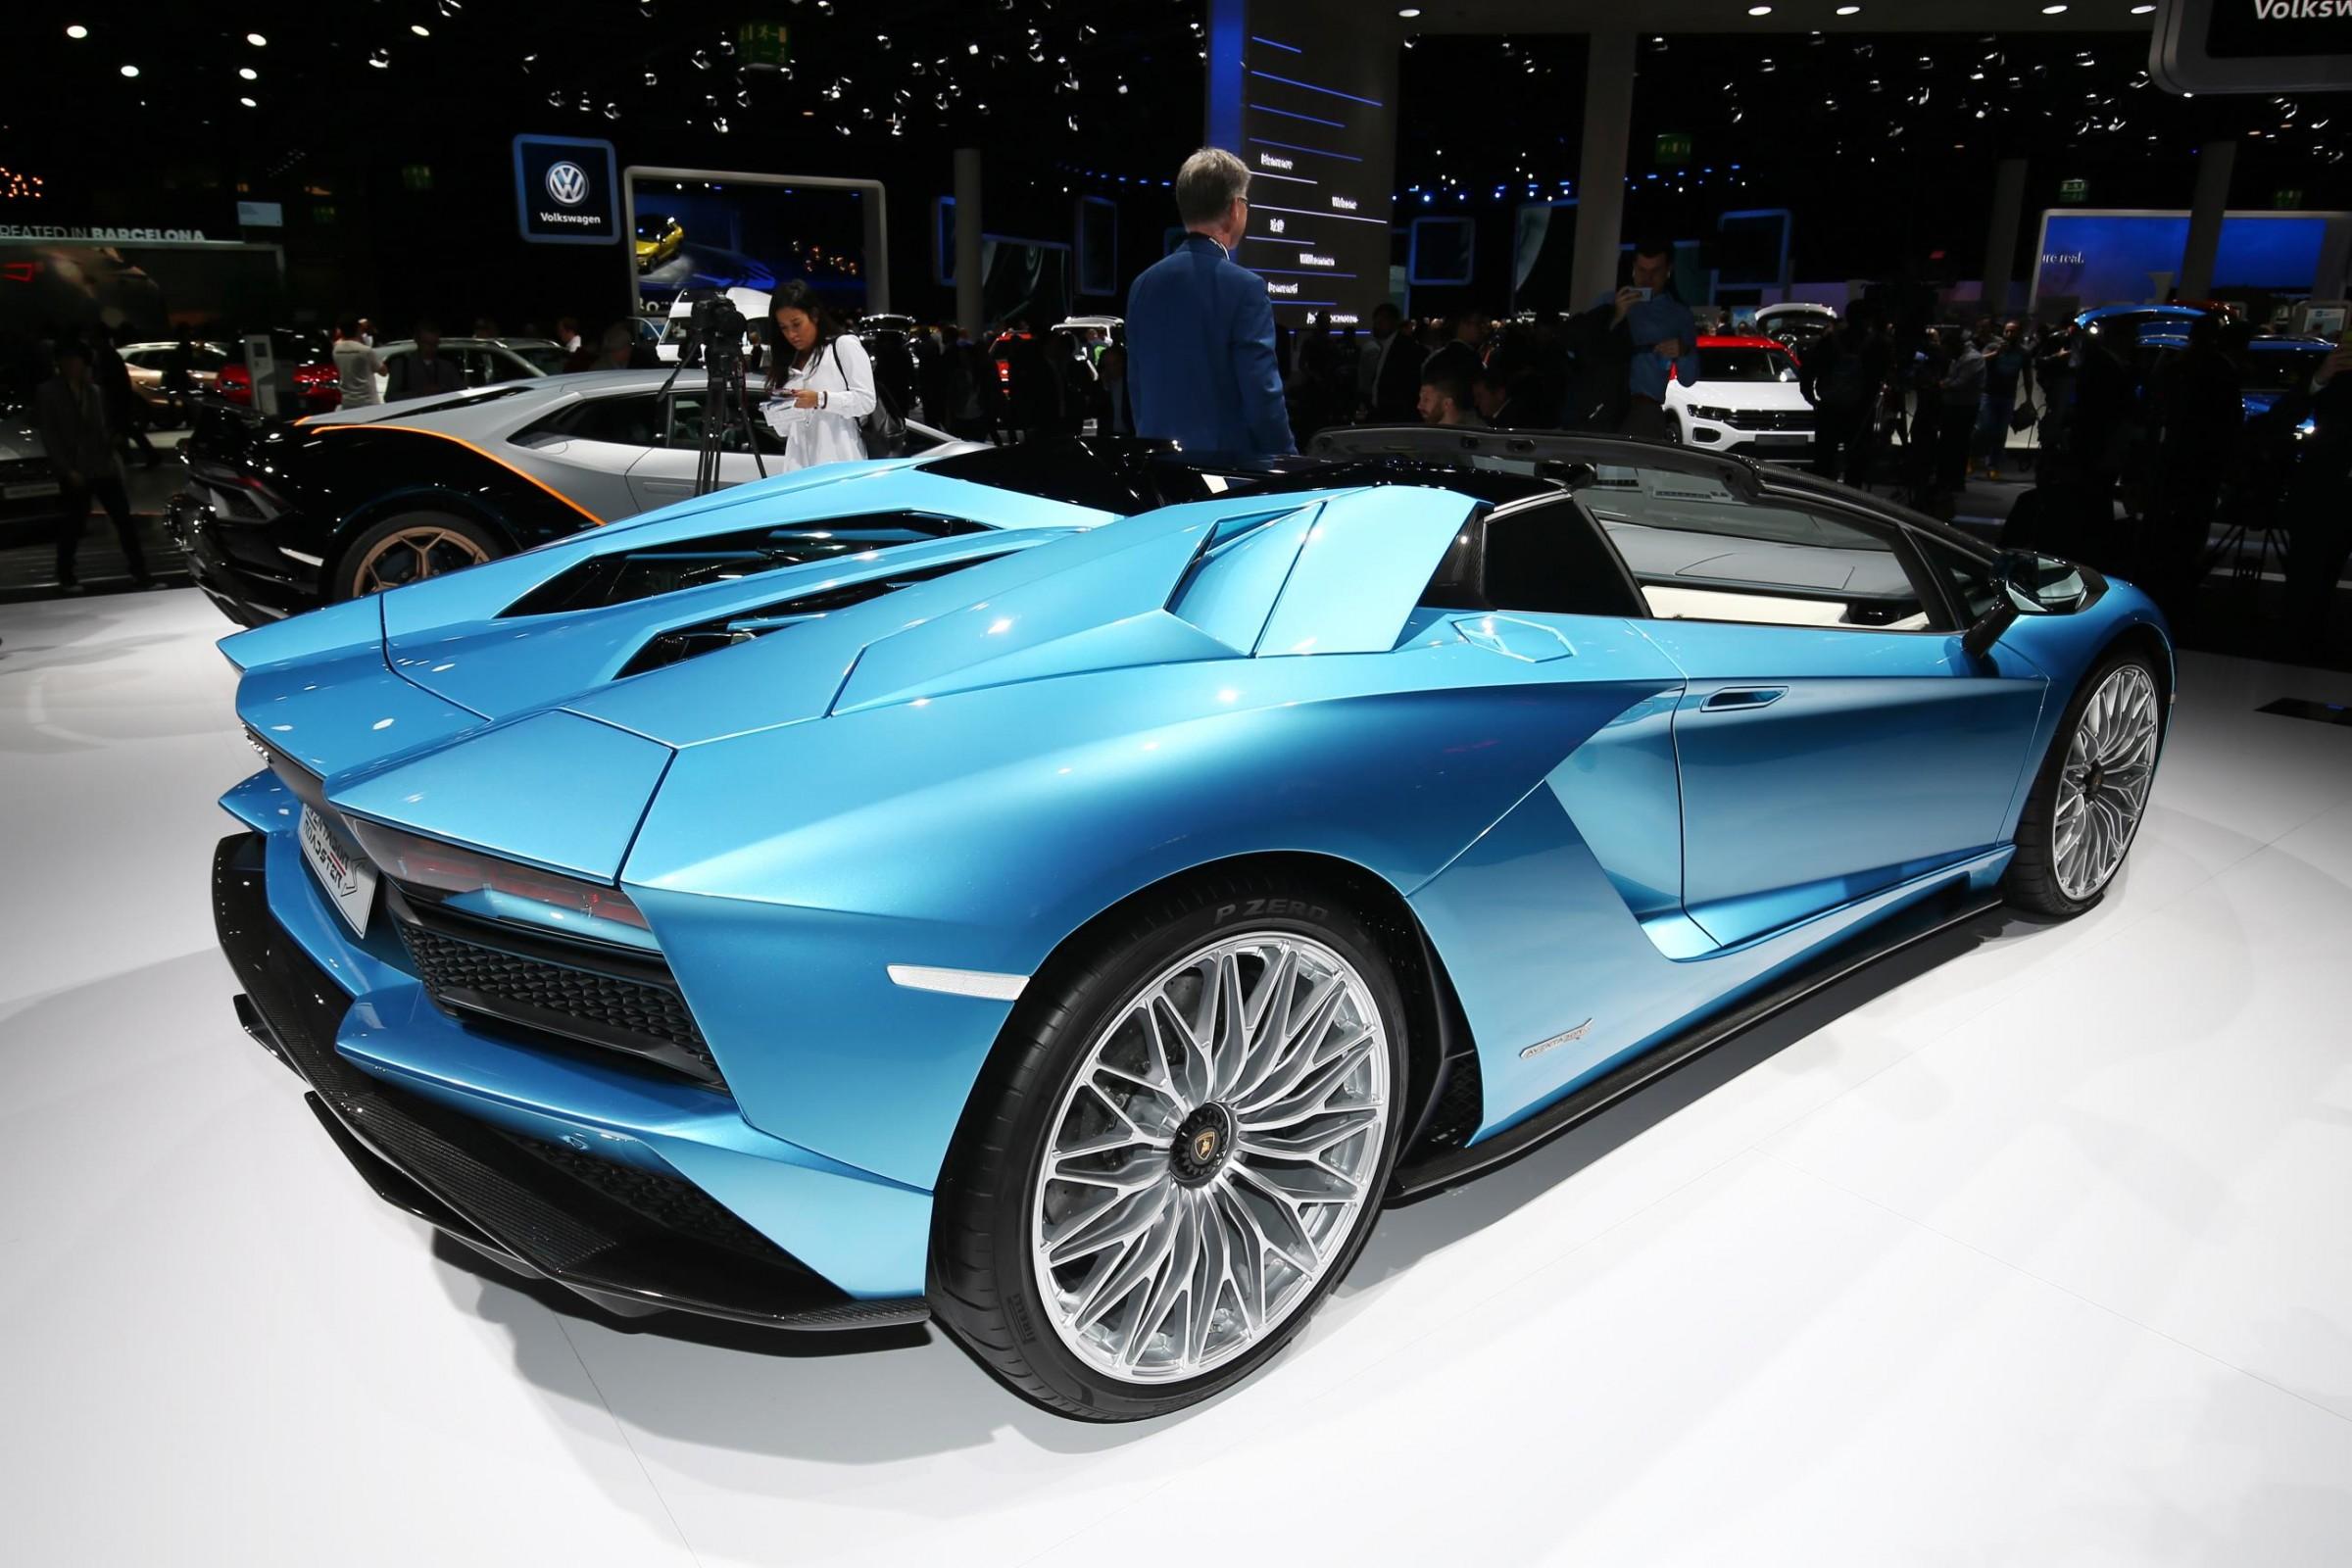 Lambortghini Aventador S Roadster